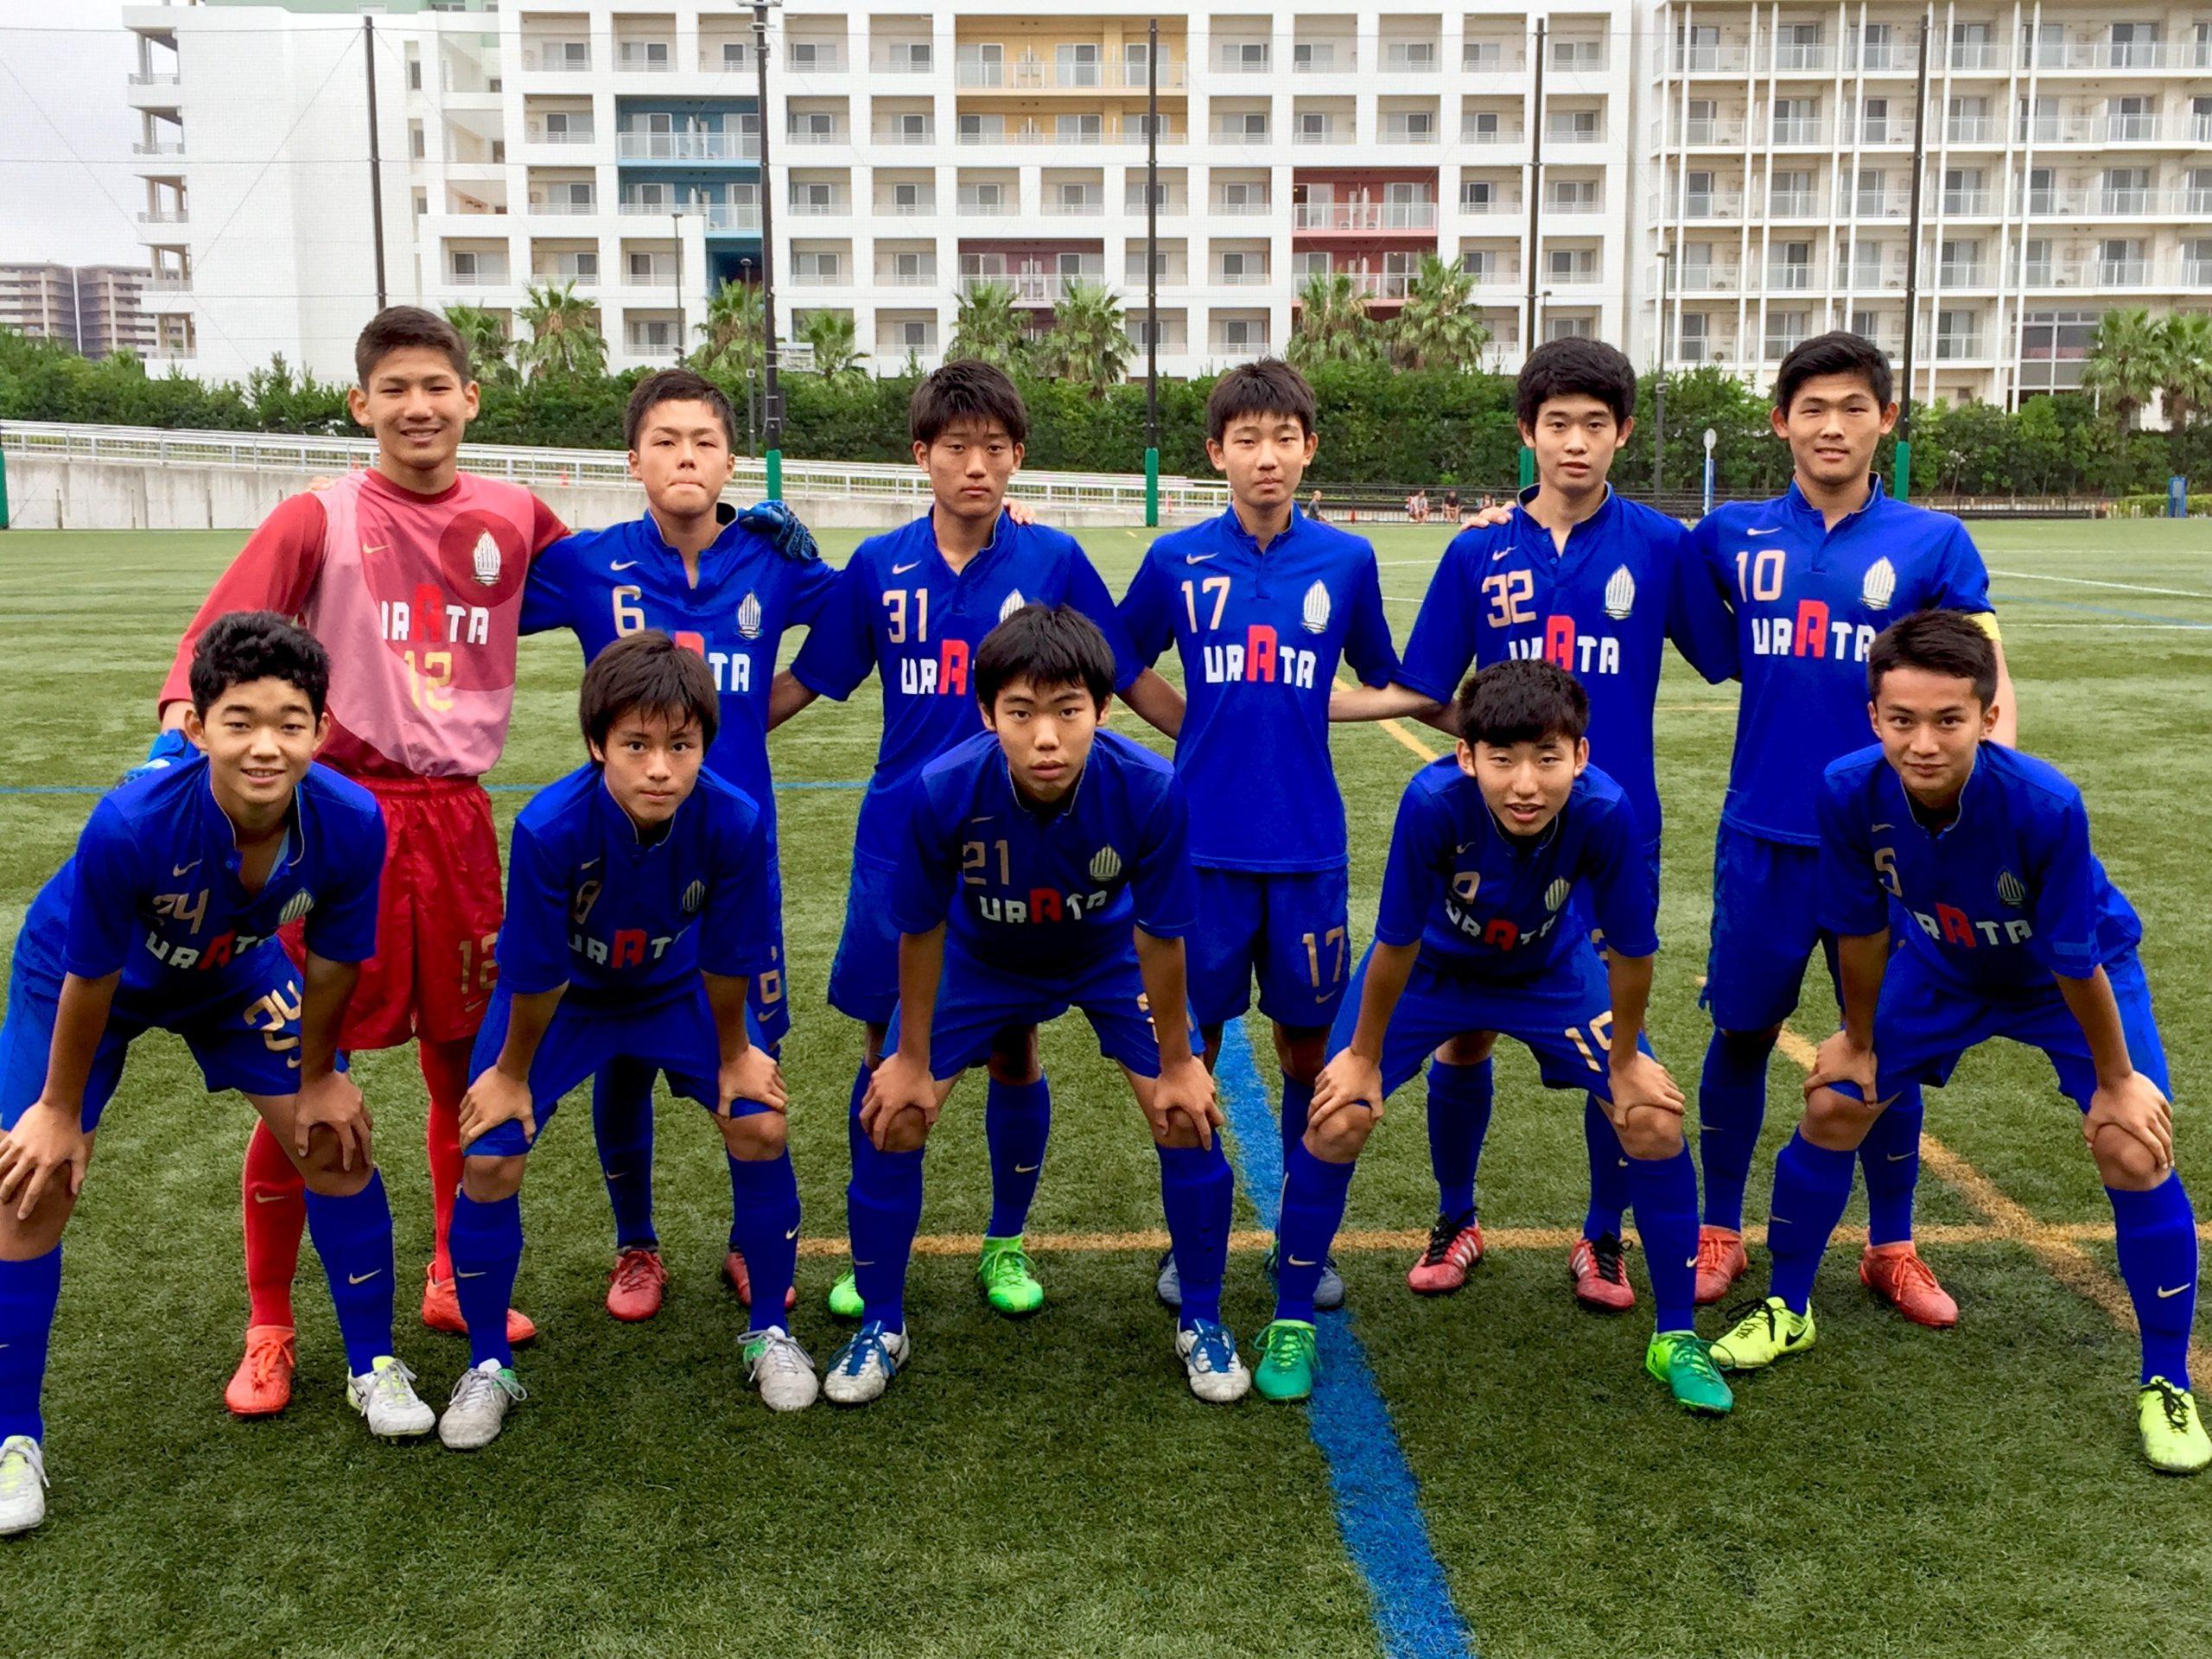 【U18】Jユースカップ関東予選 予選リーグ第2節結果